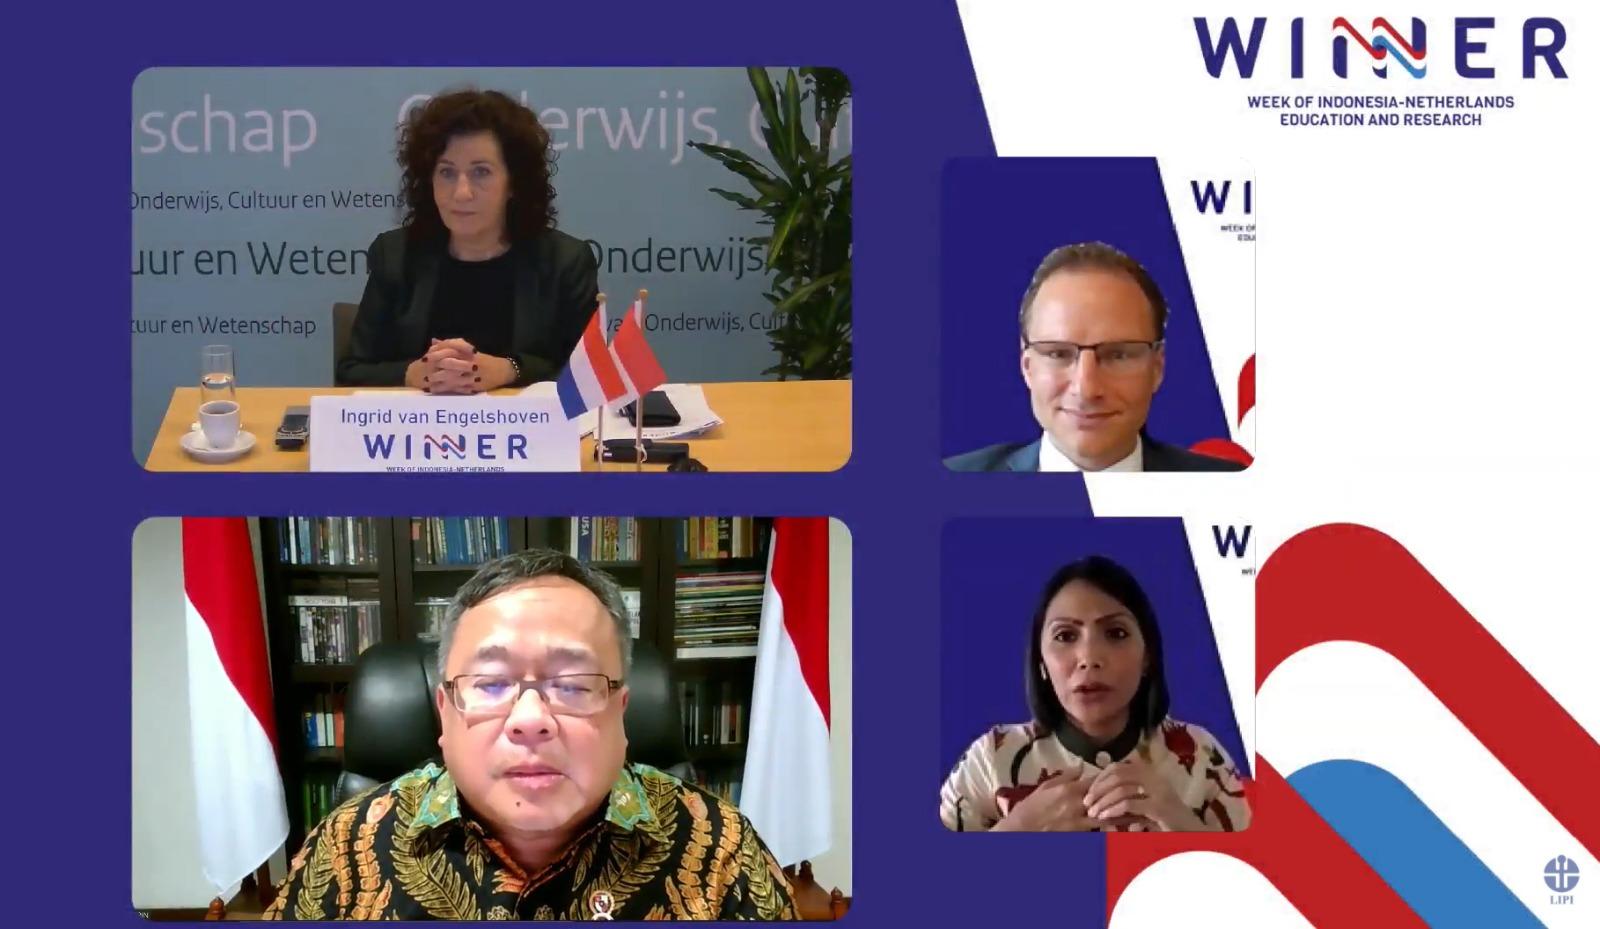 Menristek Sebut Ajang WINNER Mampu Percepat Kualitas Perguruan Tinggi Indonesia